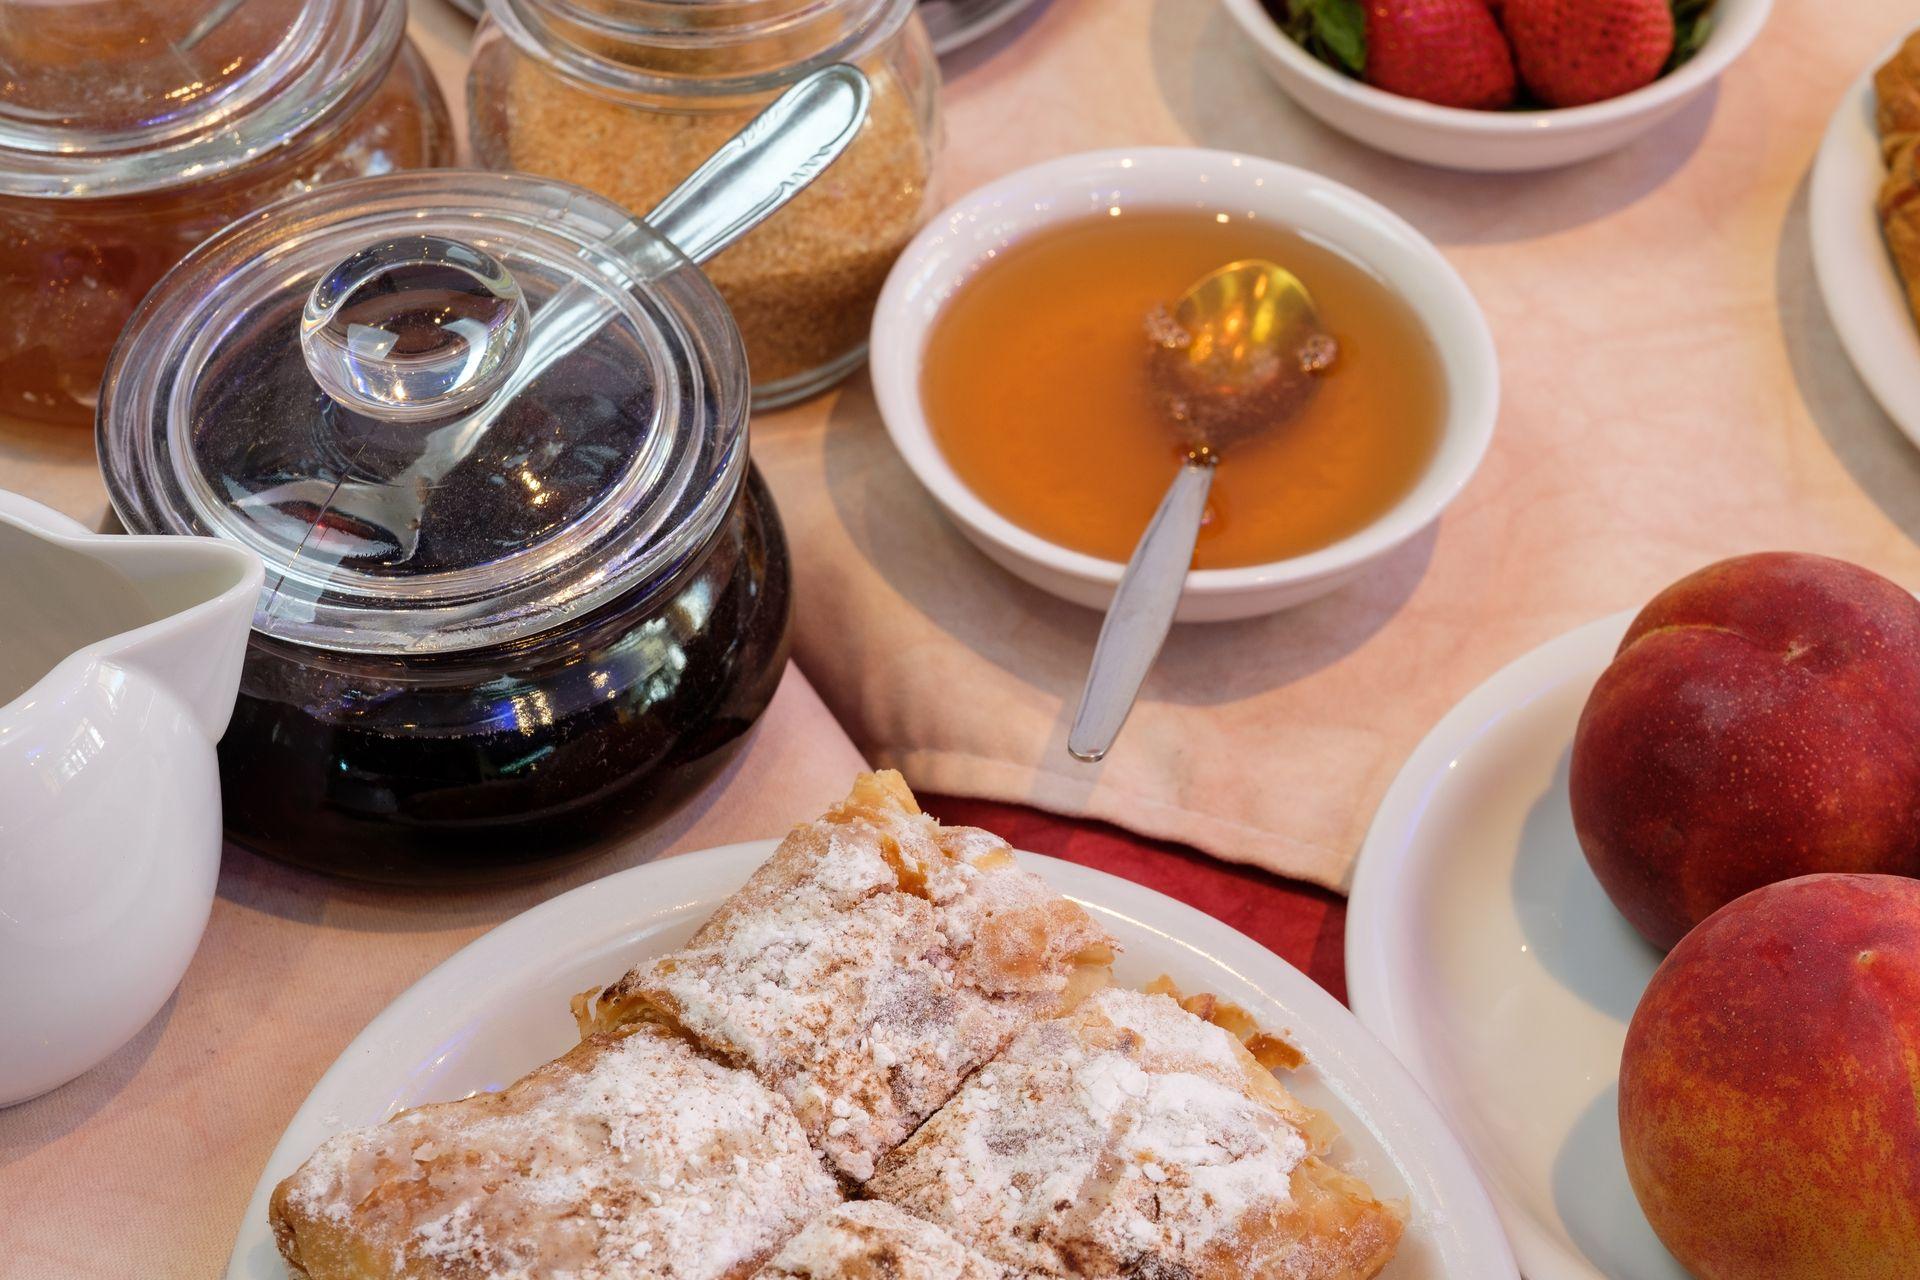 _breakfast 0557_2020_06_hotel segas_resized